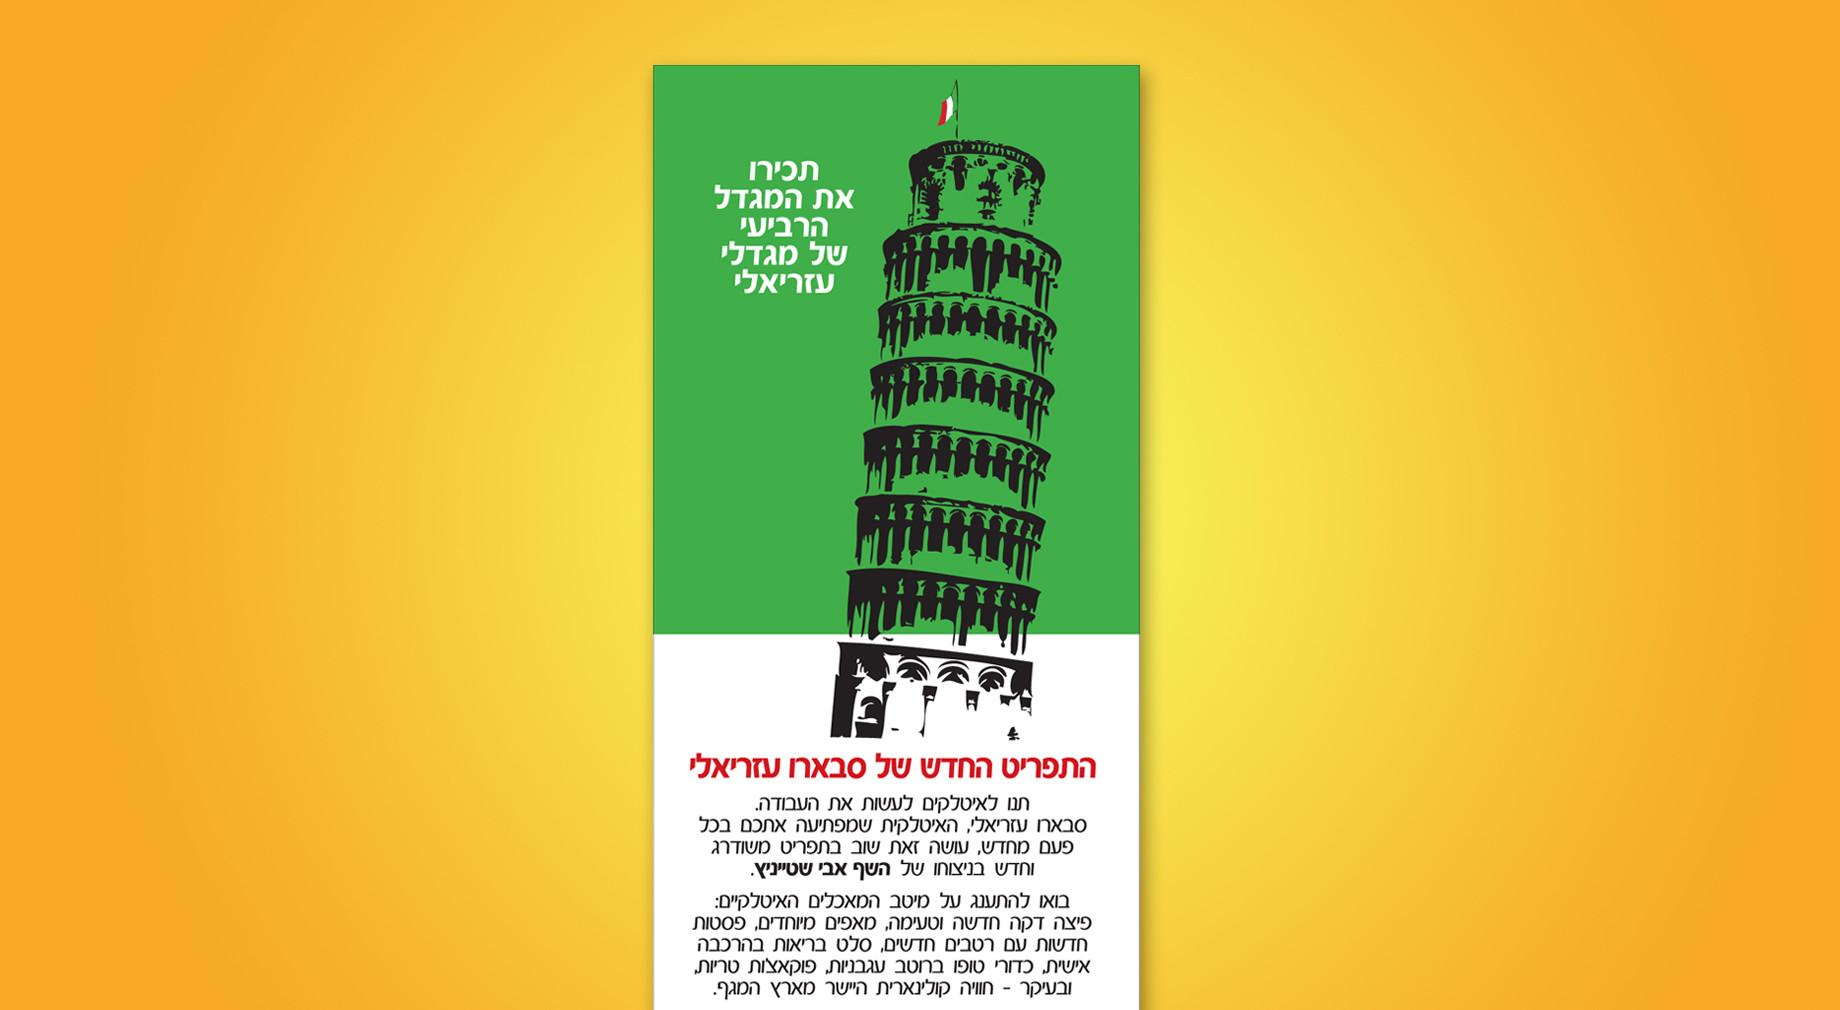 כותרת לרולאפ הפונה לקהל המגיע לקניון עזריאלי, תל-אביב